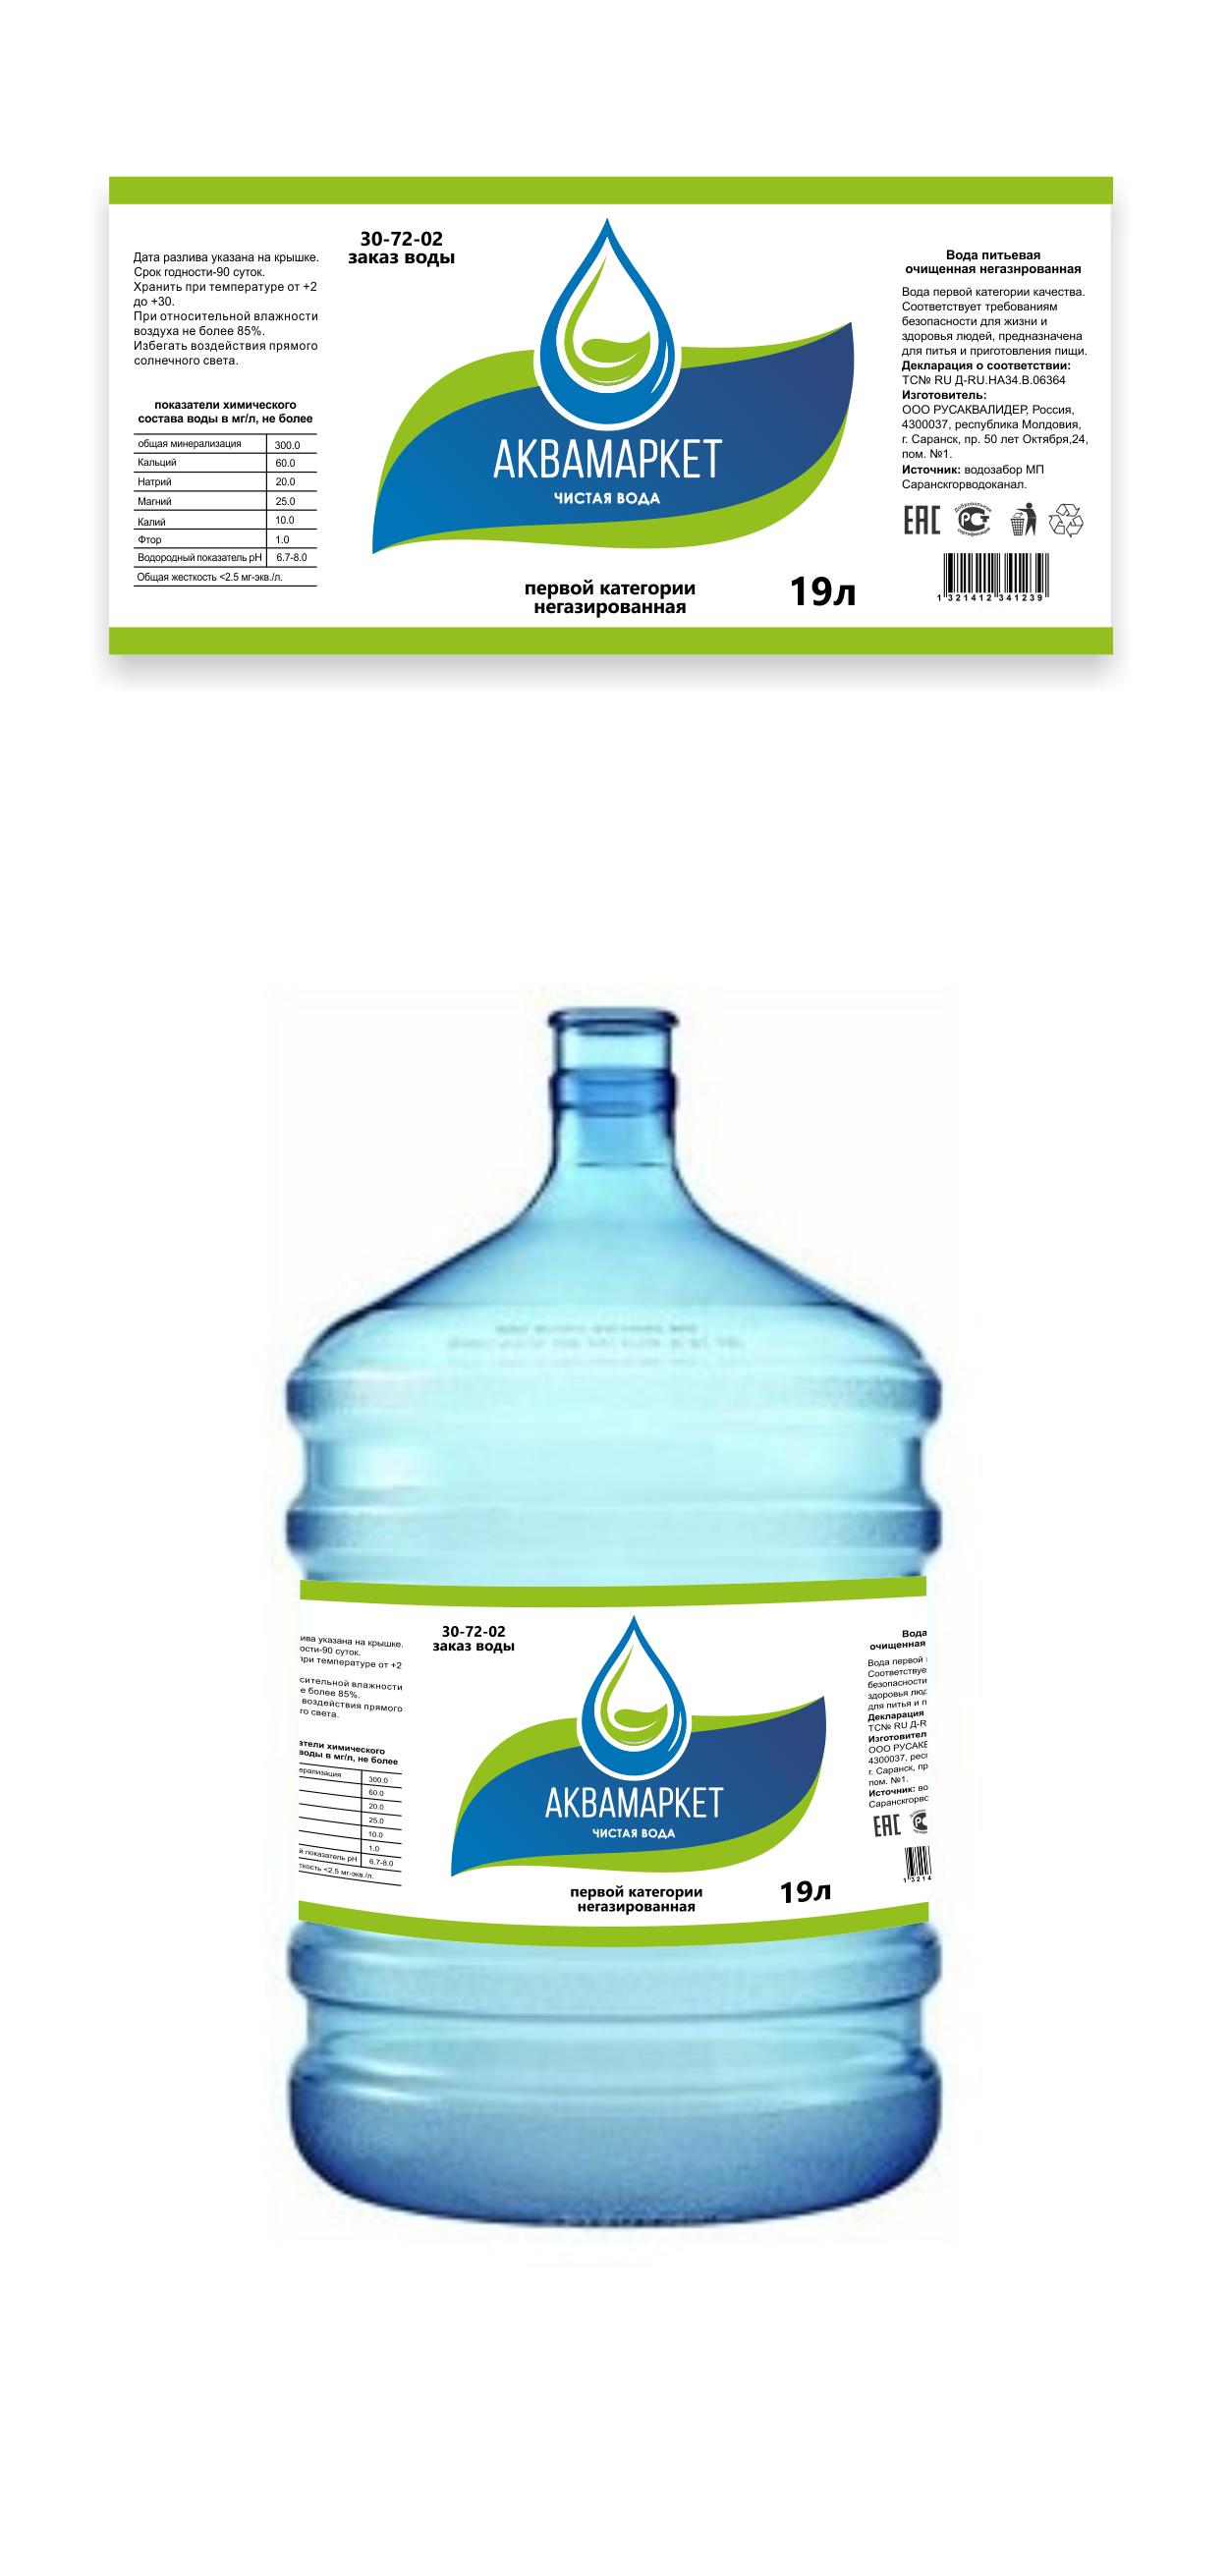 Разработка этикетки для питьевой воды в 19 литровых бутылях фото f_6575f00a70aa858b.png